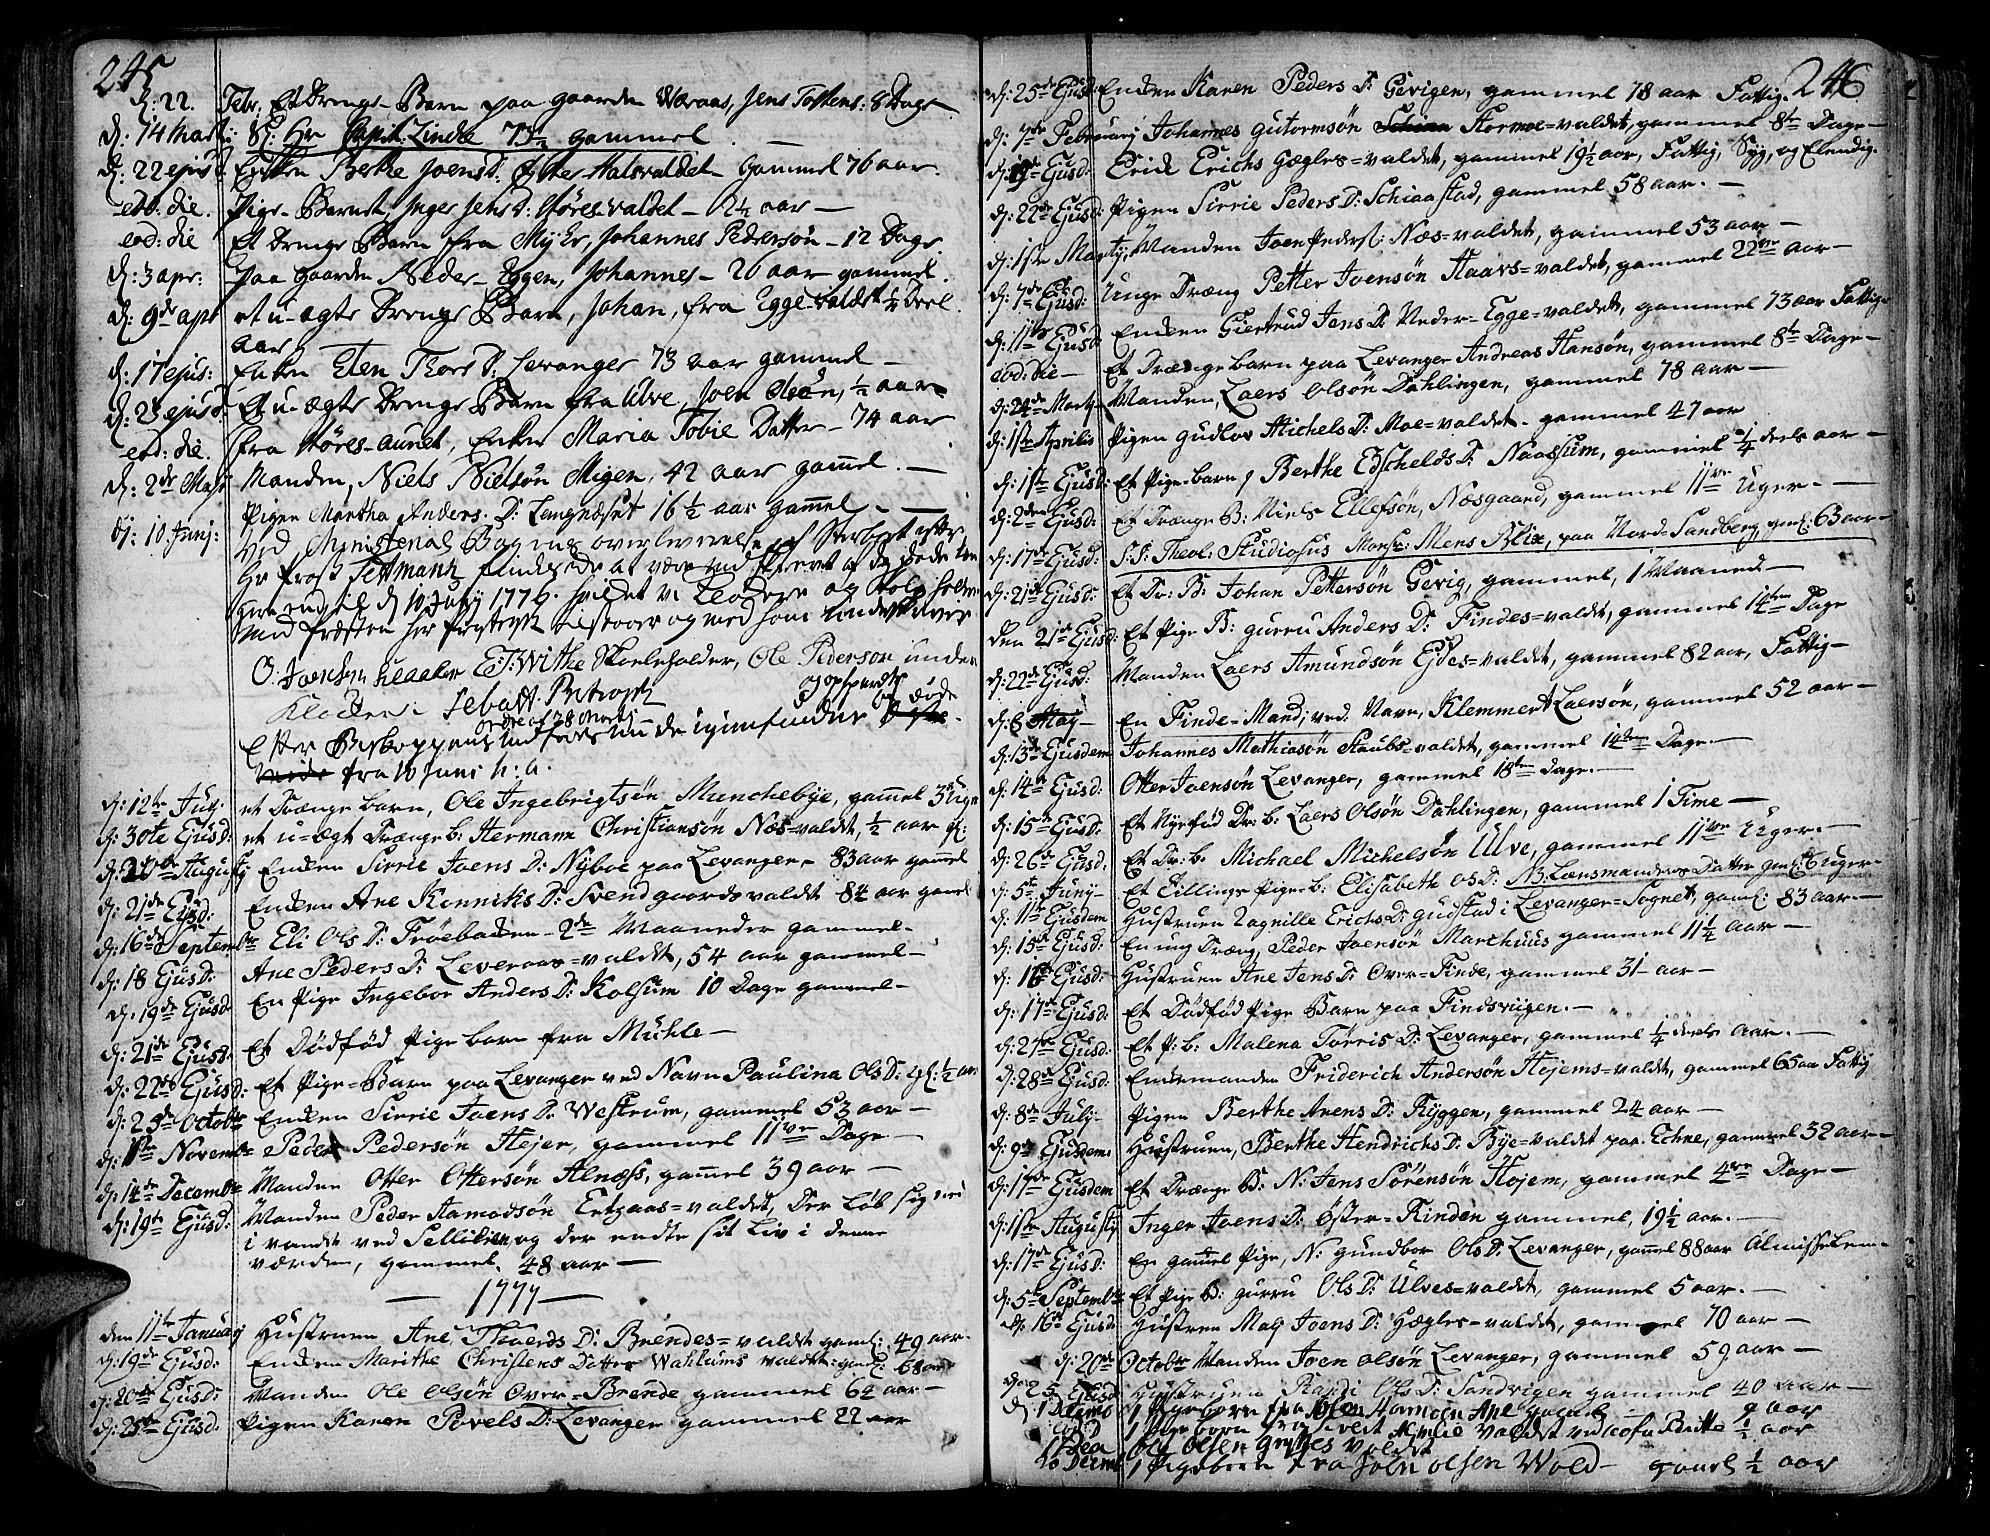 SAT, Ministerialprotokoller, klokkerbøker og fødselsregistre - Nord-Trøndelag, 717/L0141: Ministerialbok nr. 717A01, 1747-1803, s. 245-246